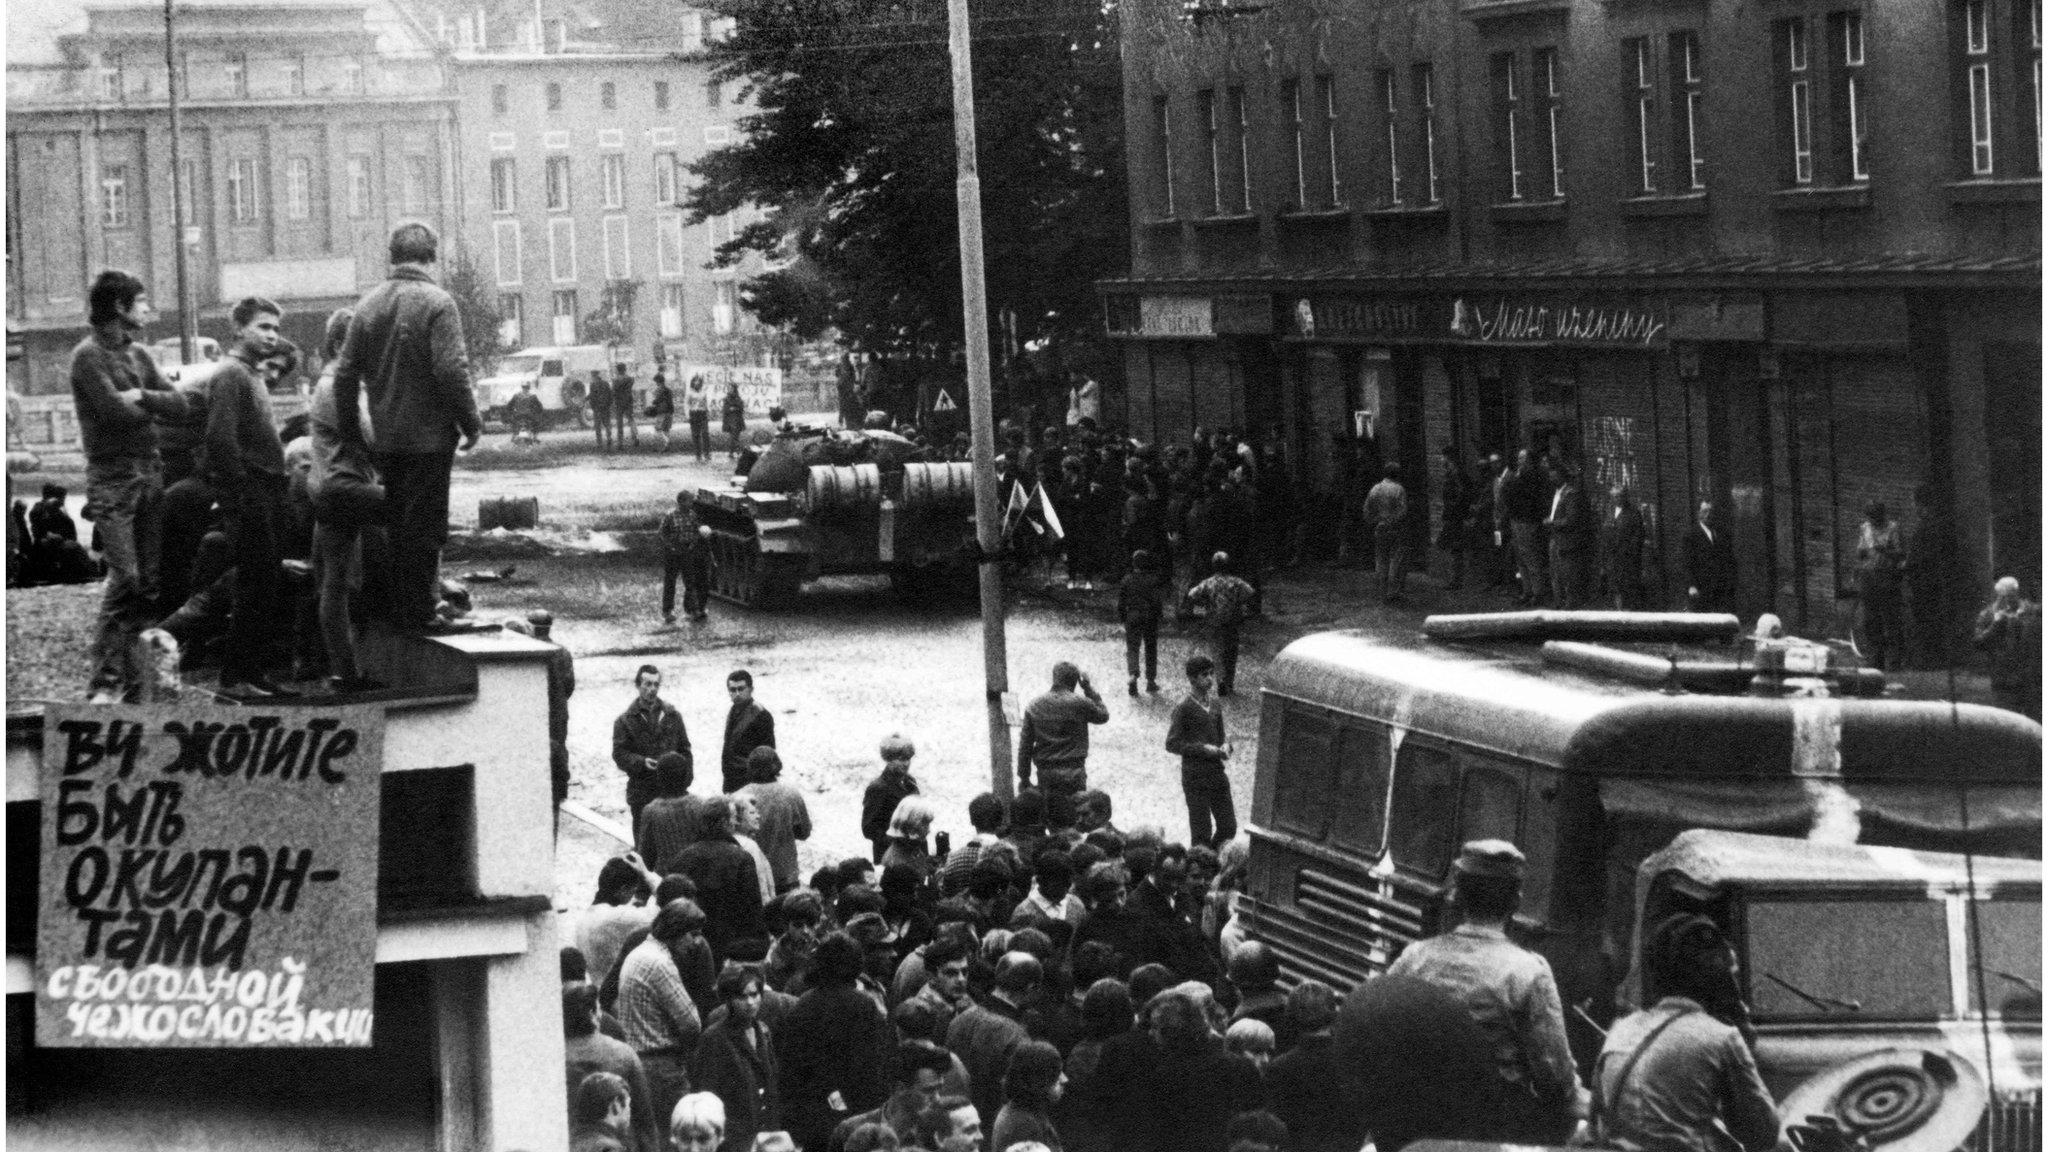 Вторгнення до Чехословаччини 1968: спогади англійки, яка була в Ленінграді